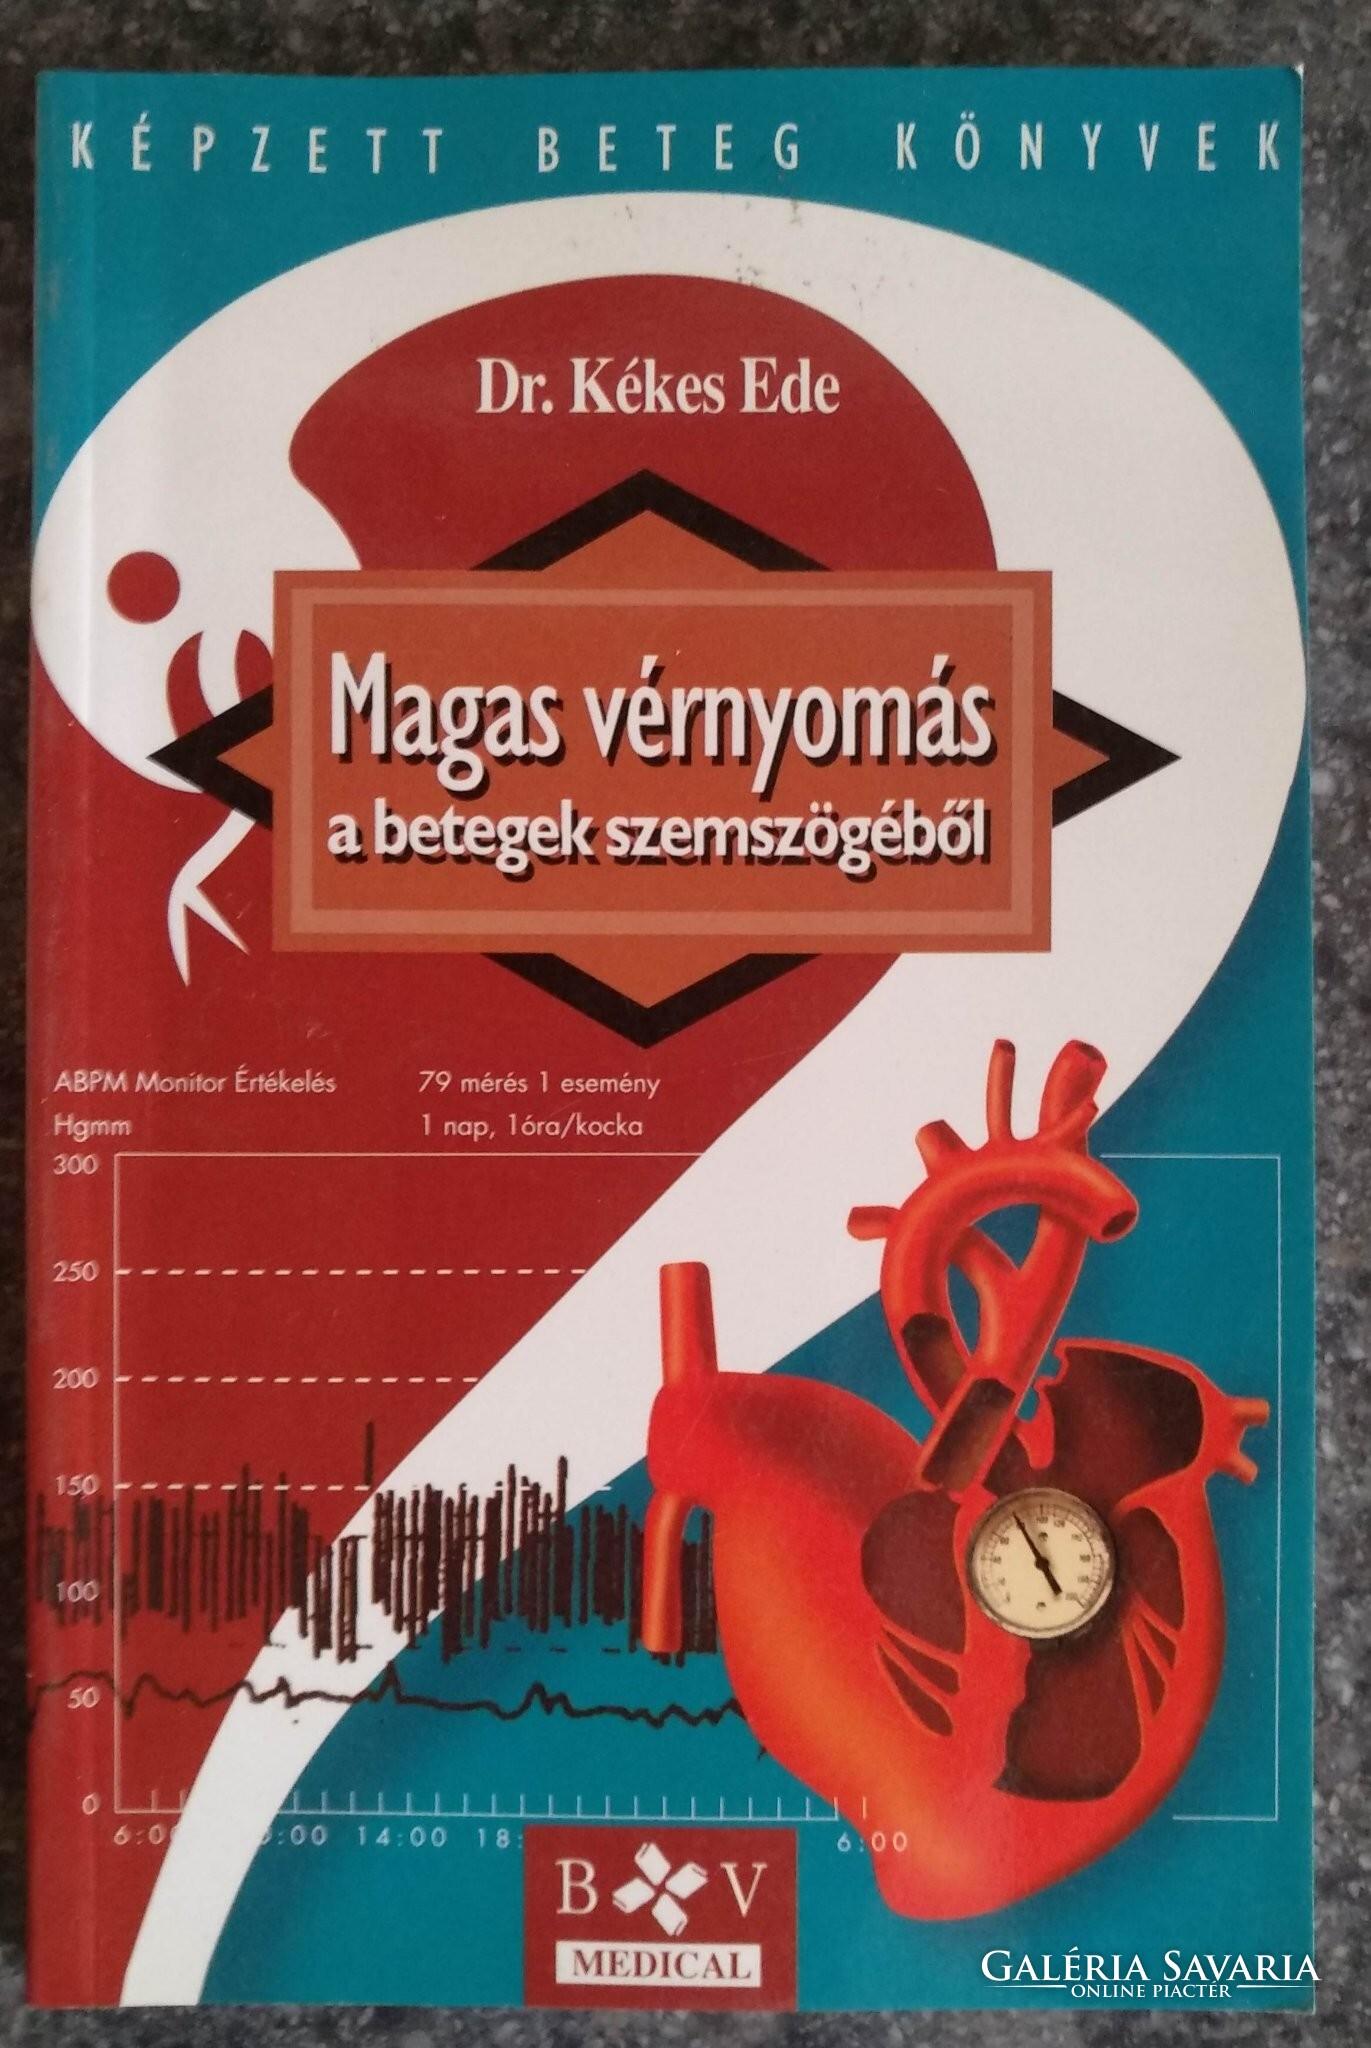 a magas vérnyomás orvosi enciklopédiája szakaszai és a magas vérnyomás kockázata